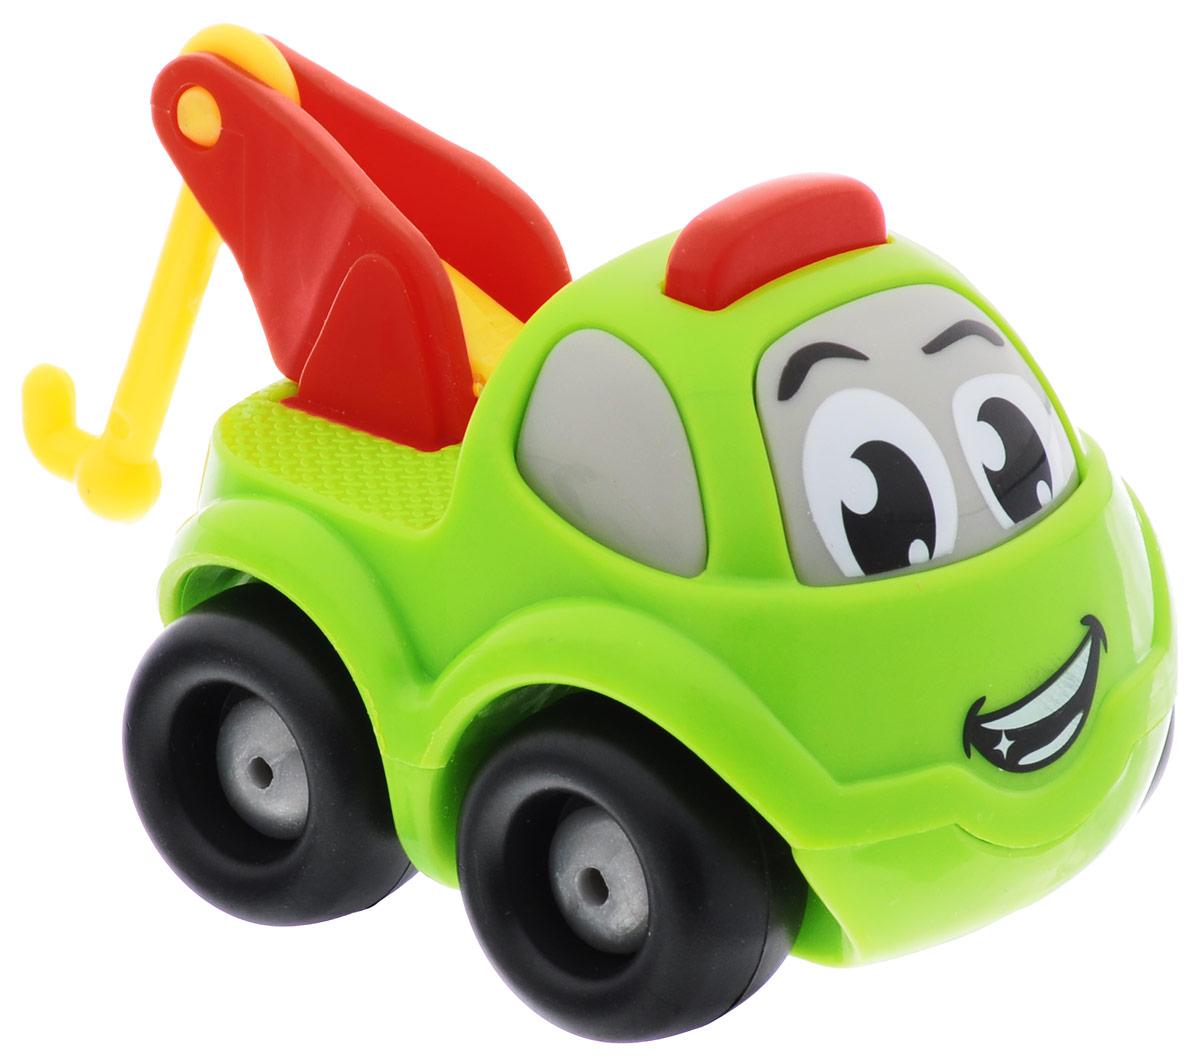 Smoby Машинка Vroom Planet с краном цвет салатовый211257_салатовыйМини-машинка с краном Smoby привлечет внимание вашего ребенка и надолго останется его любимой игрушкой. Плавные формы без острых углов, яркие цвета - все это выгодно выделяет эту игрушку из ряда подобных. Игрушка в виде машинки, у которой вместо кузова установлен яркий поднимающийся кран. Кабина машинки оформлена в виде лица - с глазками и задорной улыбкой. Машинка развивает концентрацию внимания, координацию движений, мелкую моторику рук, цветовое восприятие и воображение. Малыш будет часами играть с этой машинкой, придумывая разные истории.